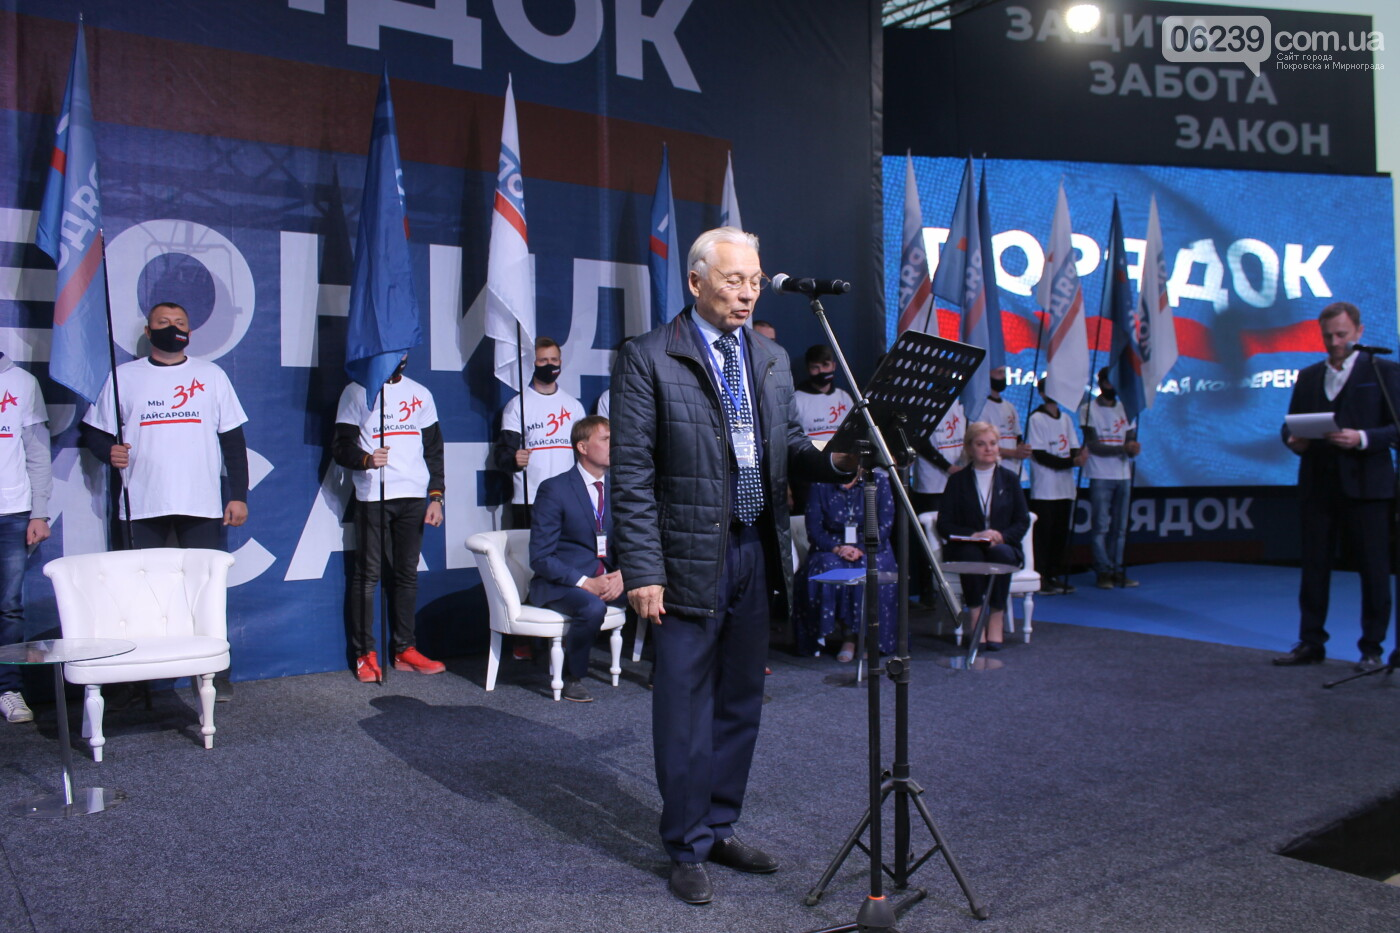 Состоялась объединенная областная конференция партии «Порядок», фото-38